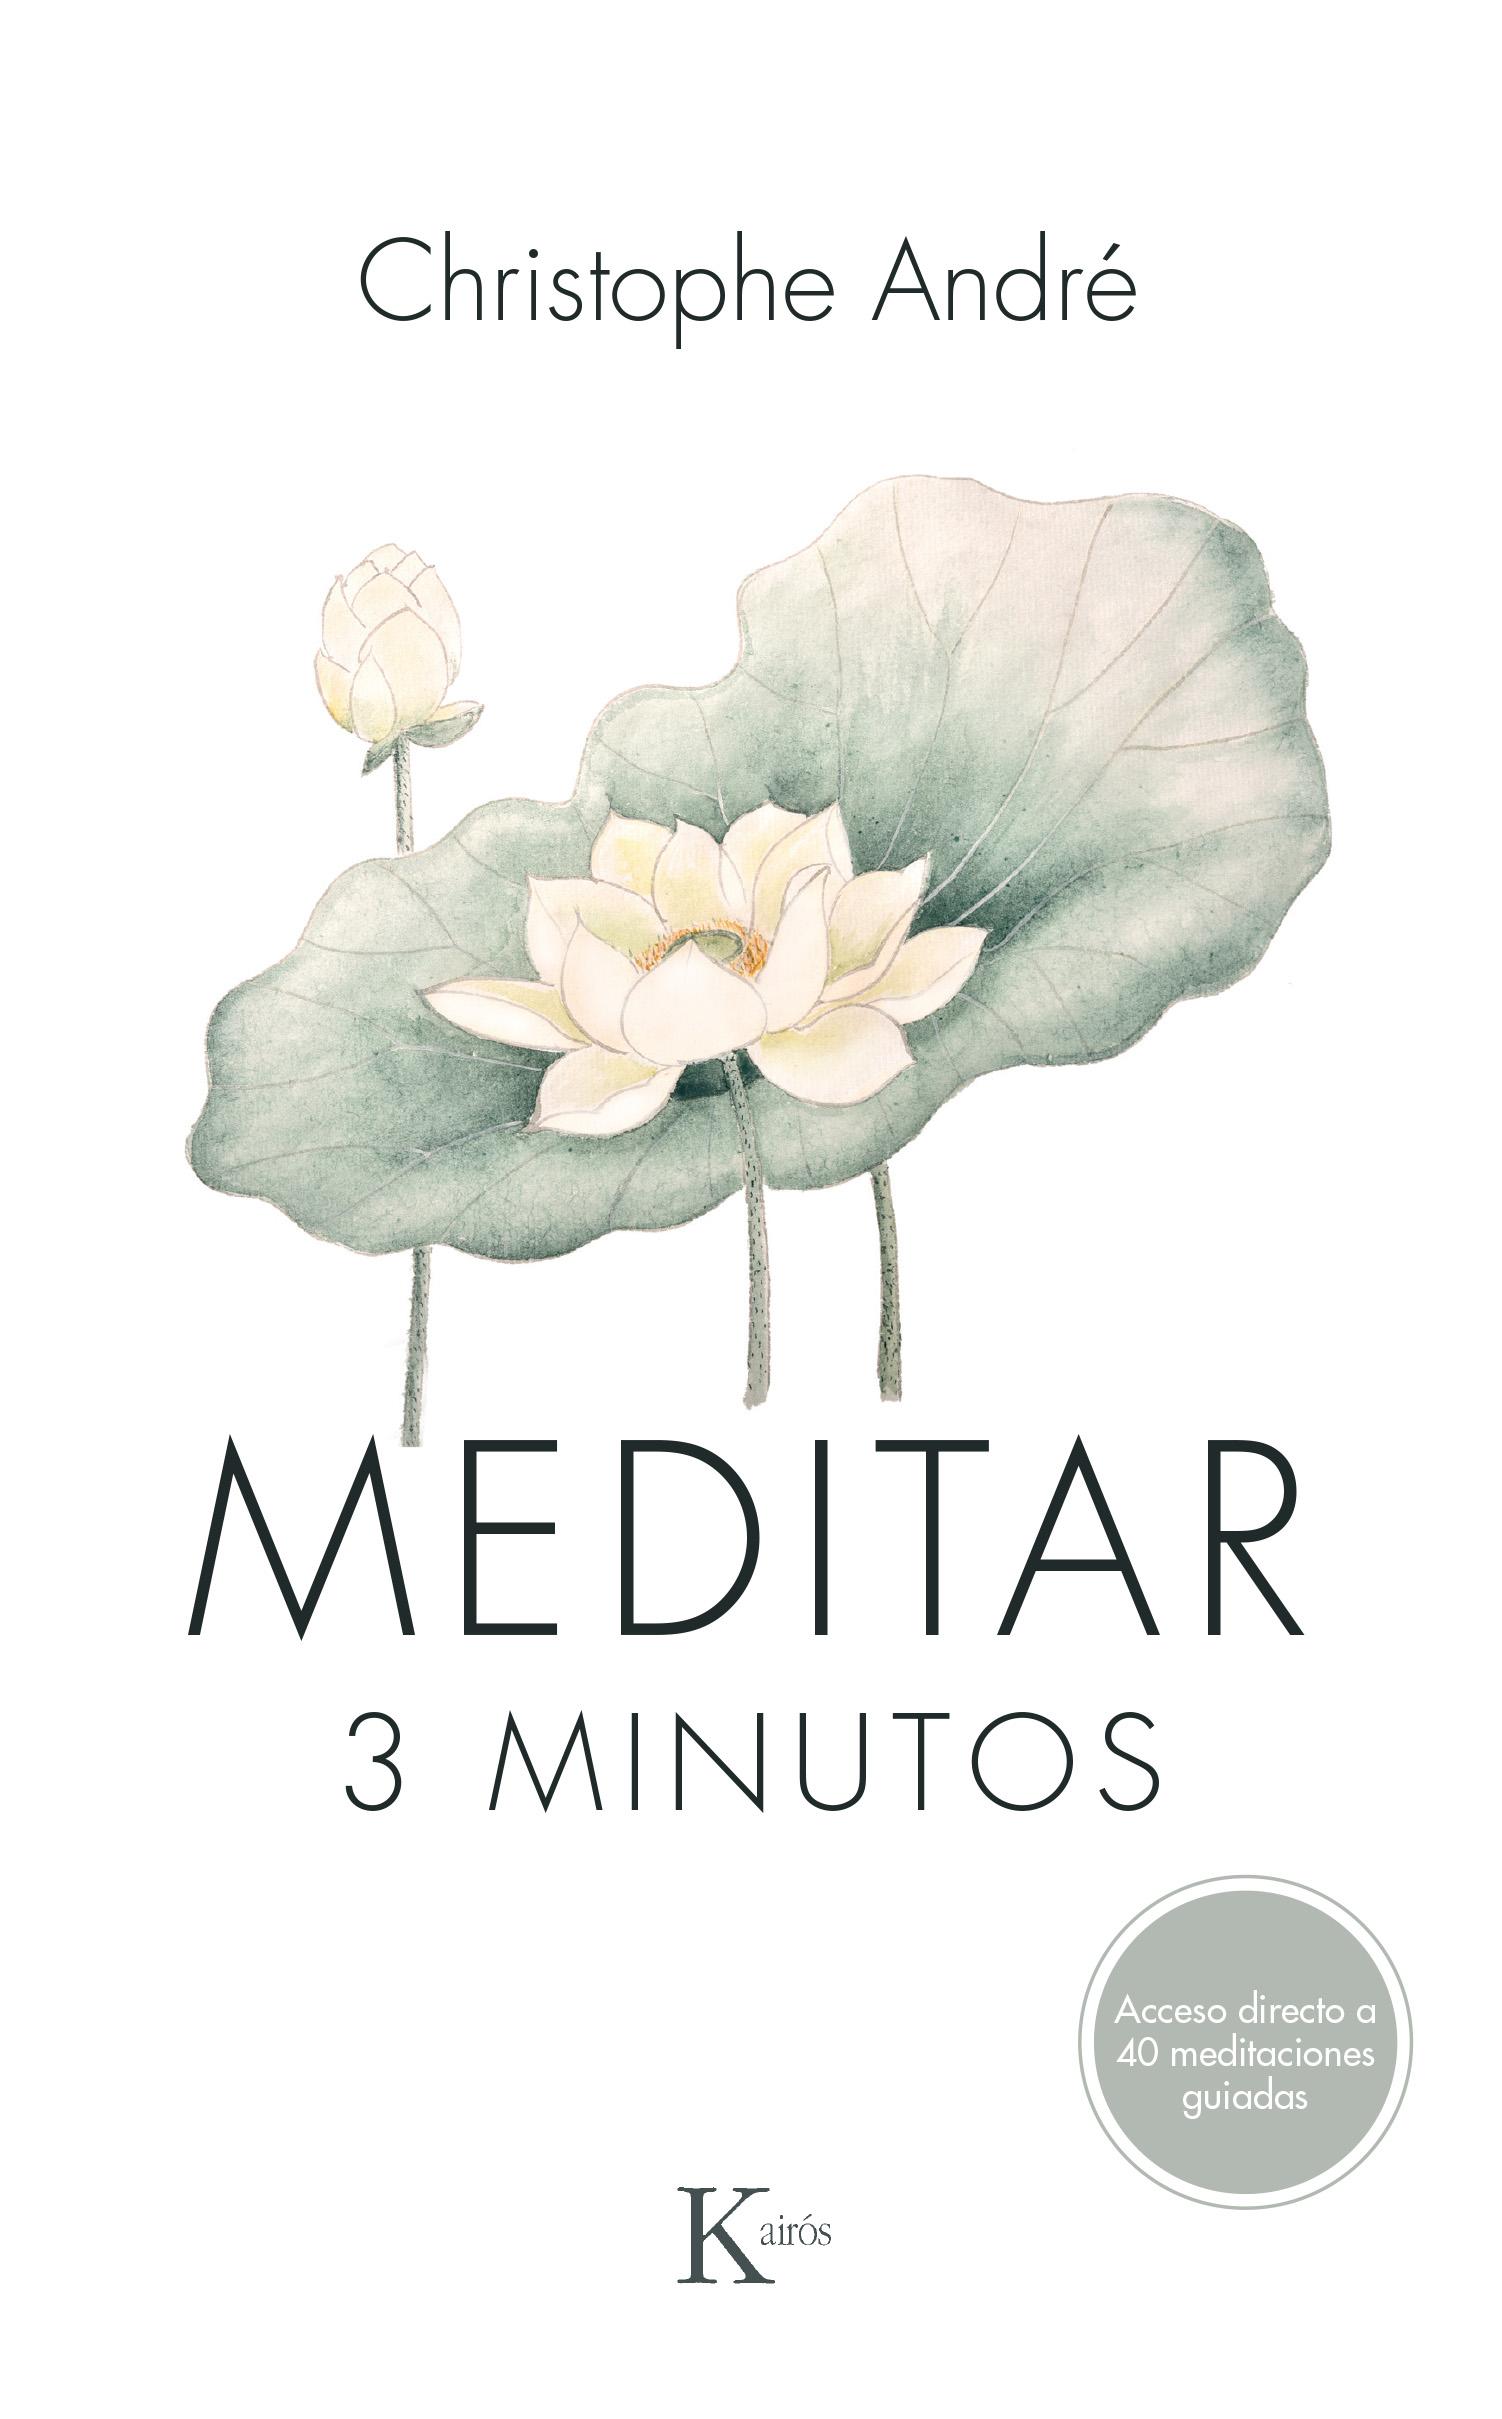 Meditar 3 minutos_CB.jpg